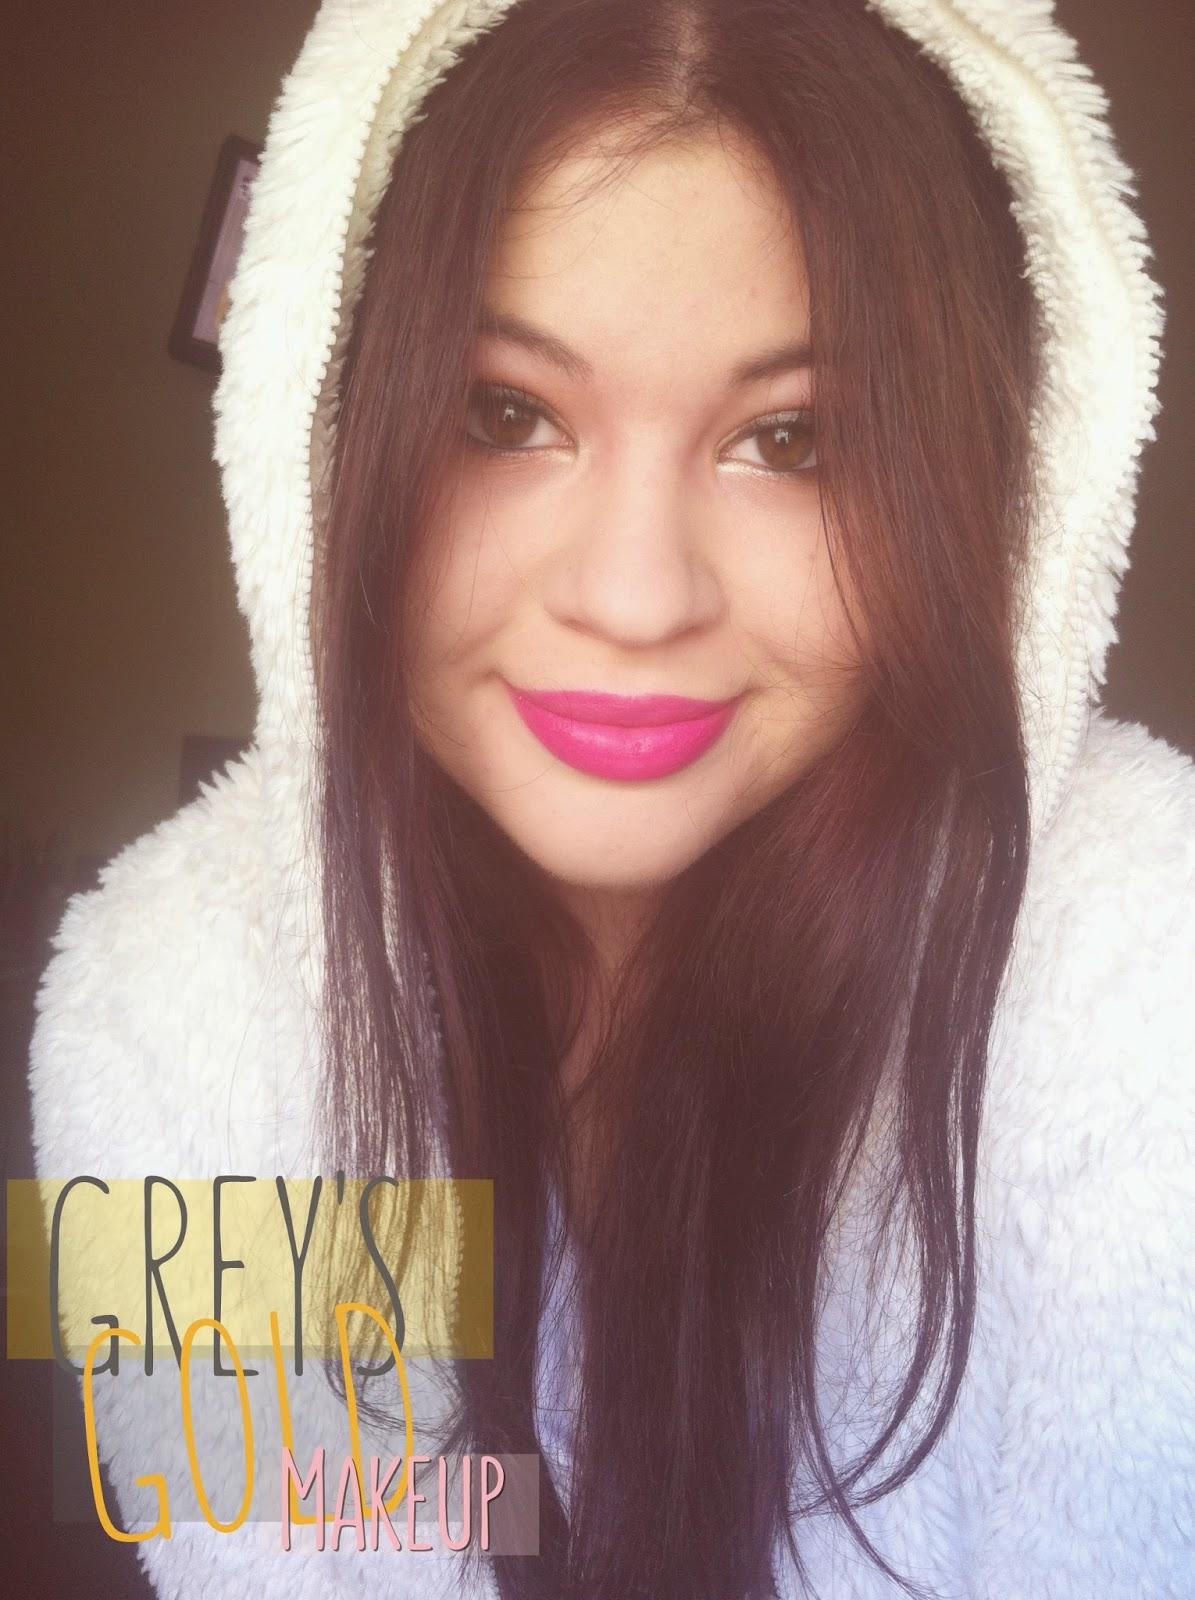 Grey's Gold - Makeup